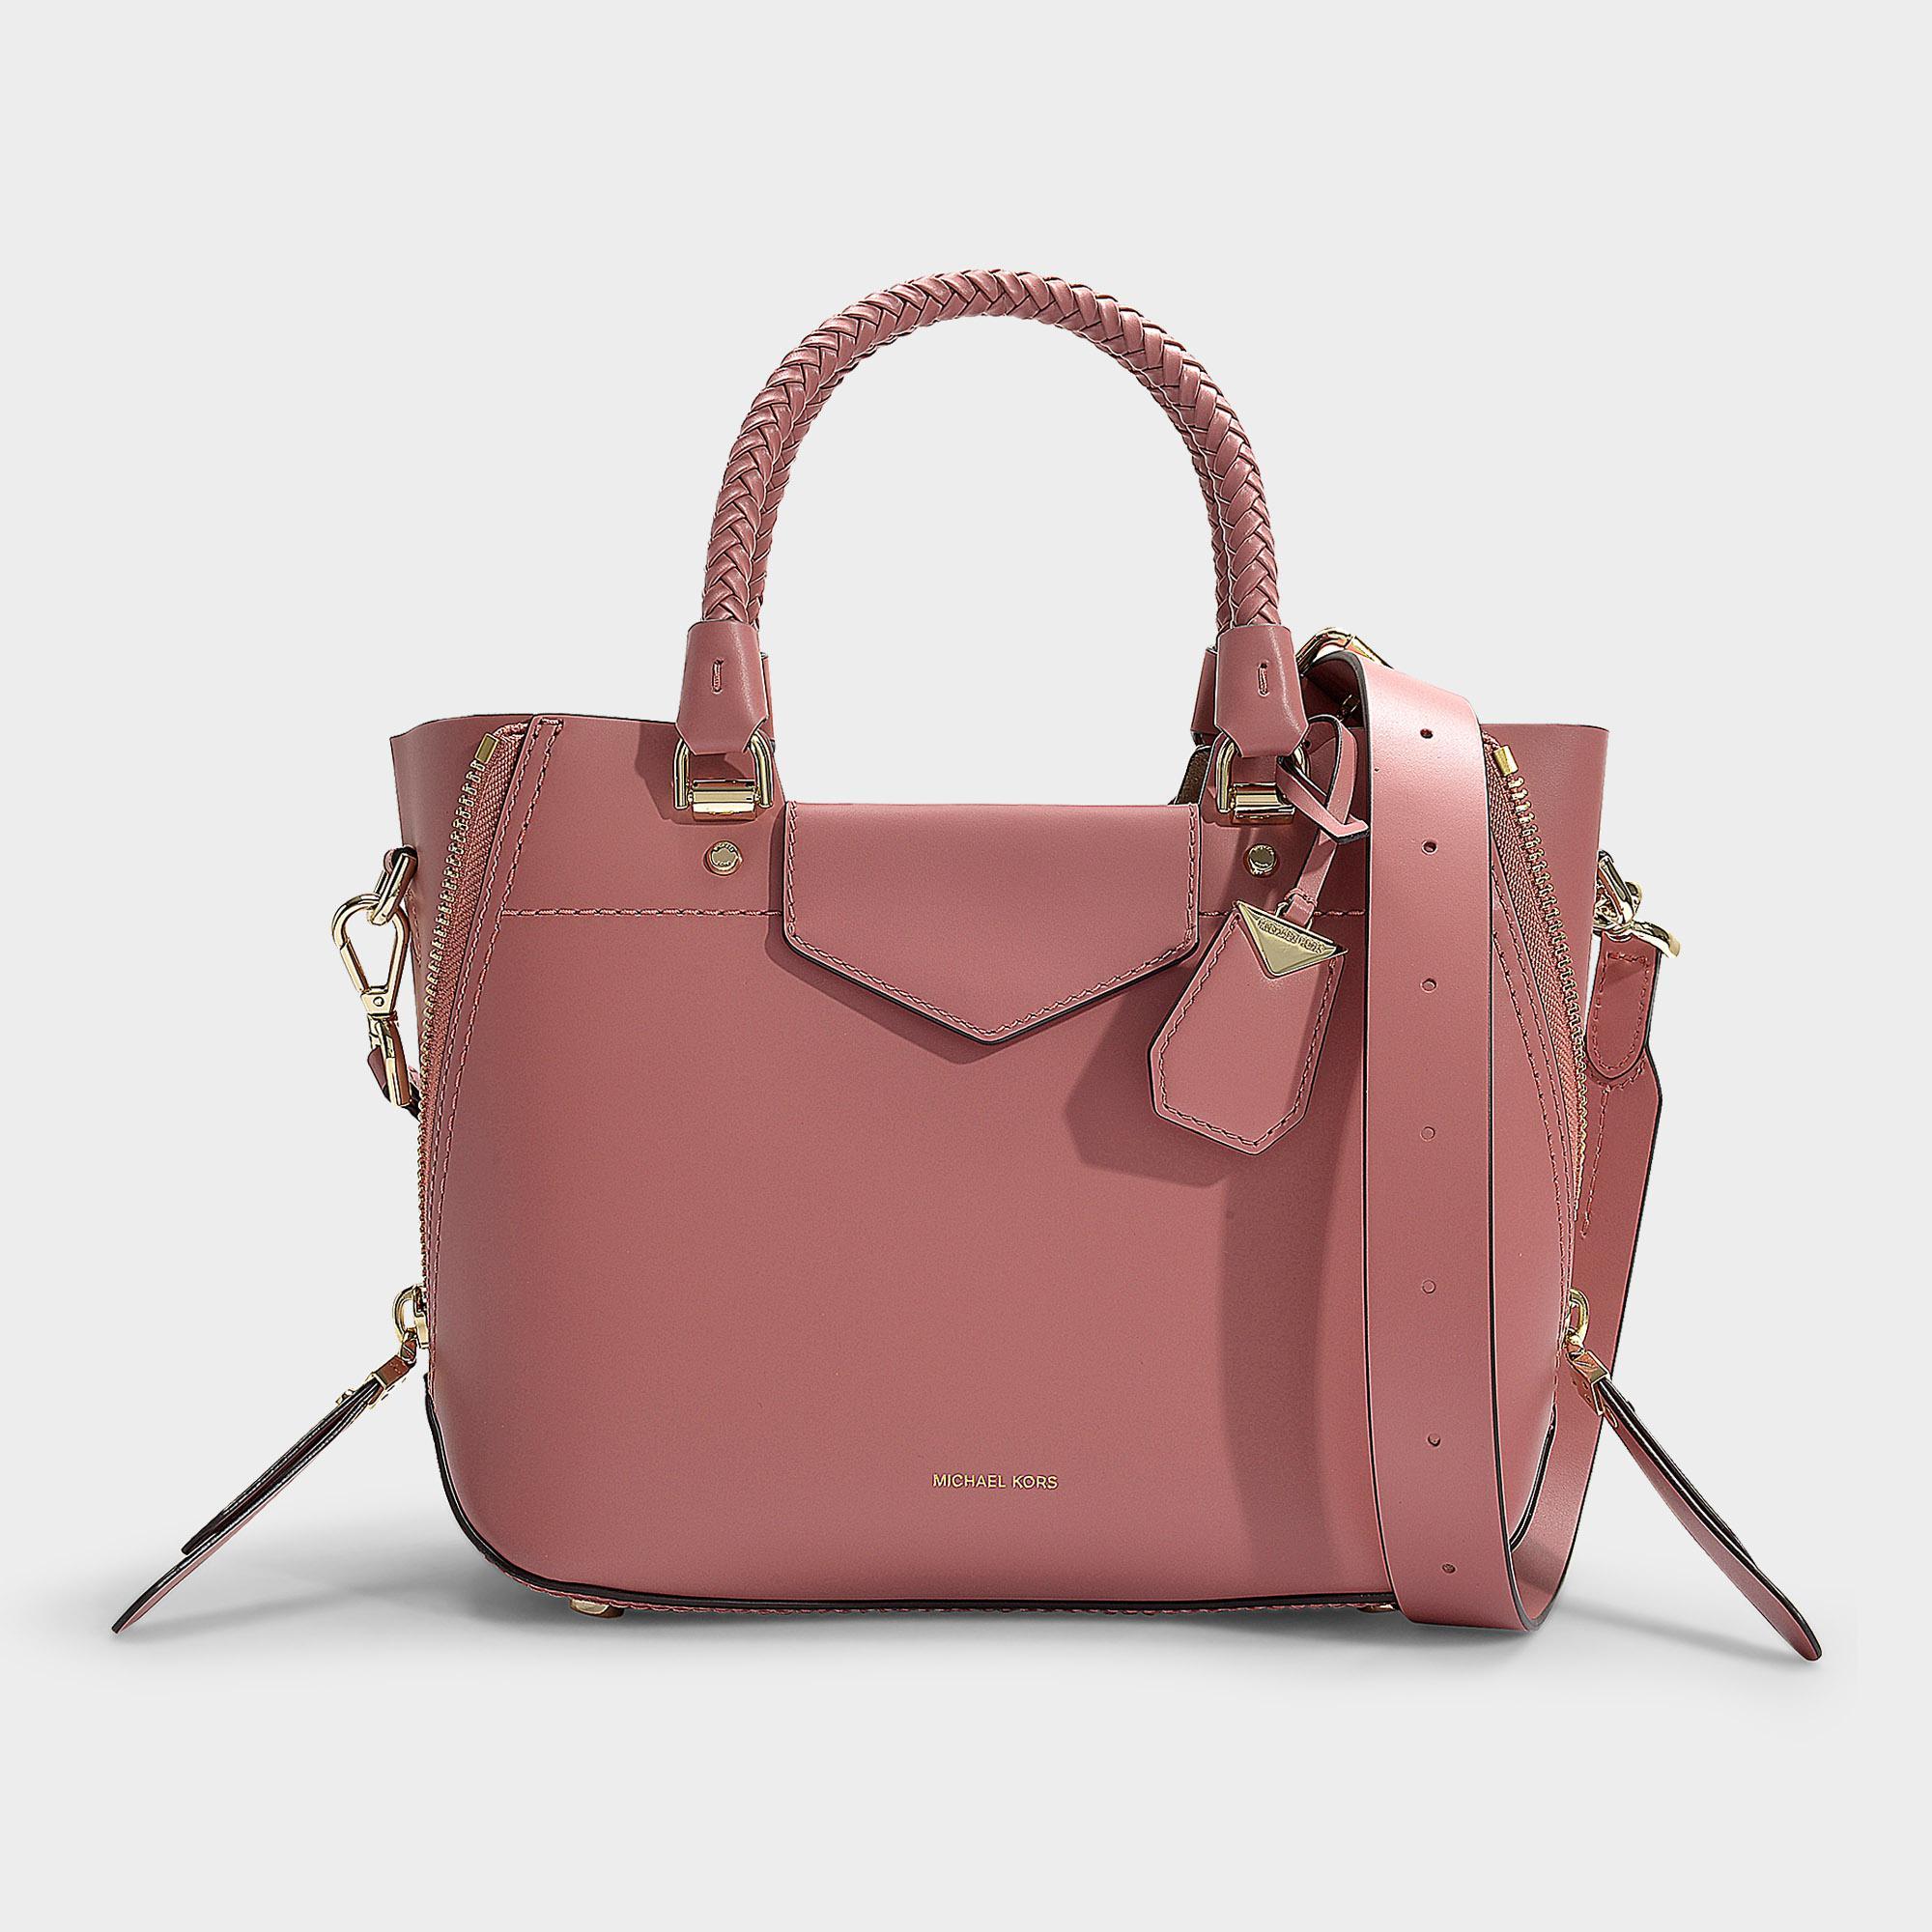 0a480d31cdd972 MICHAEL Michael Kors Blakely Medium Messenger Bag In Rose Calfskin ...